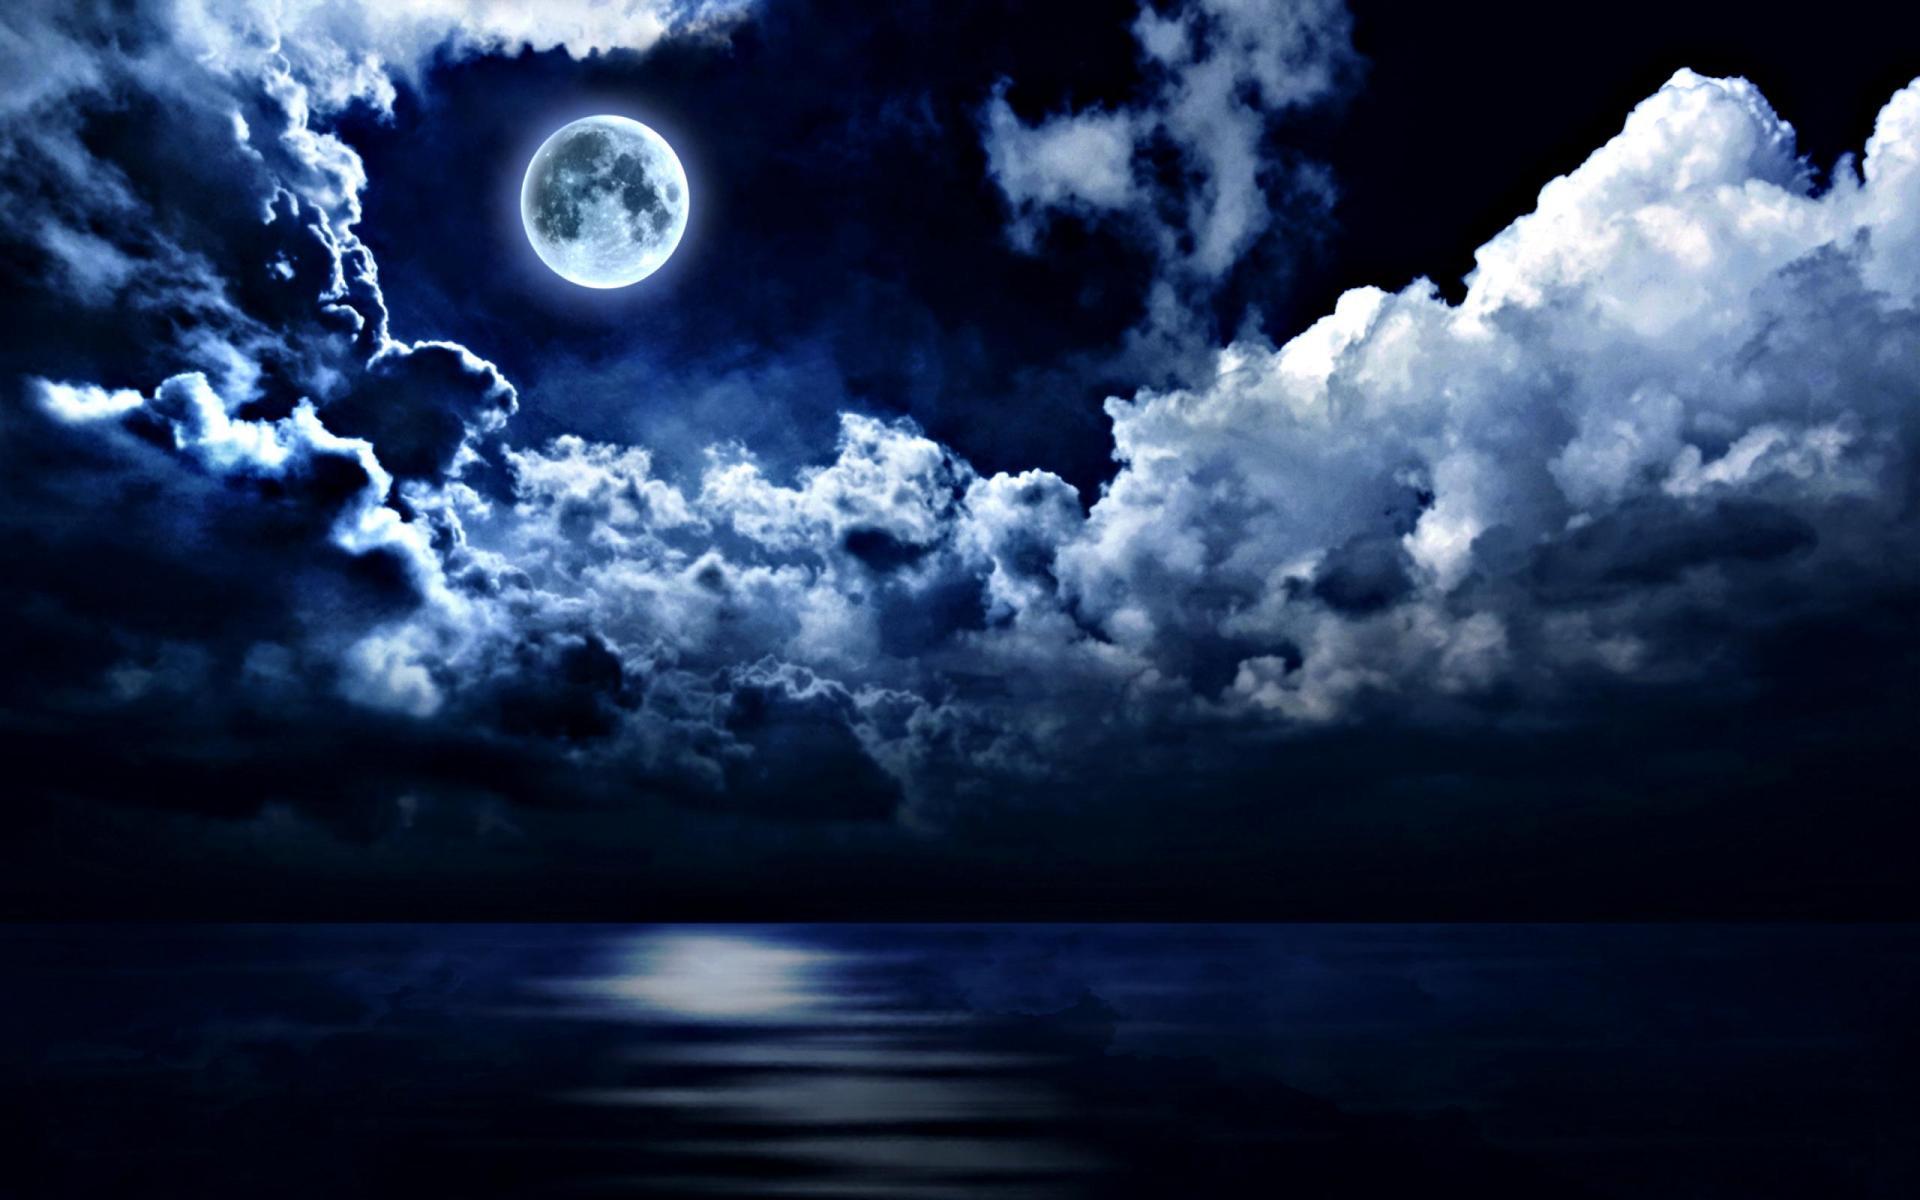 Votre fond d'écran. 1454547909-full-moon-and-sea-desktop-new-wallpapers-free-download-nature-widescreen-images